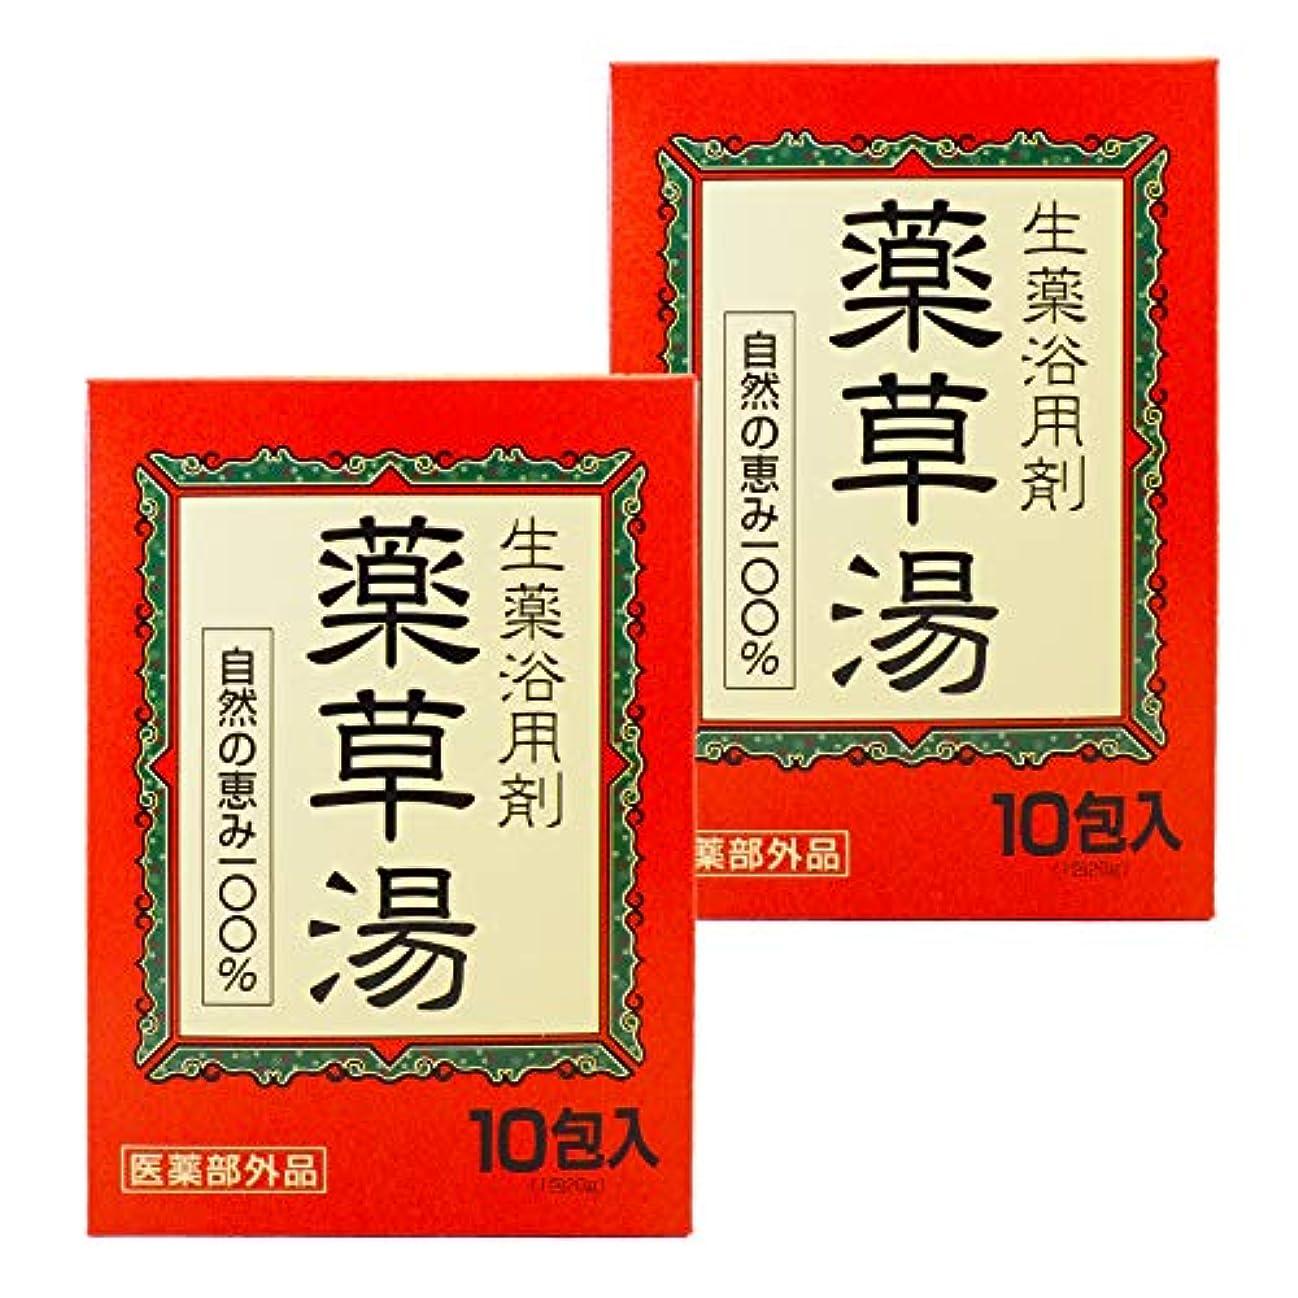 放散するまもなくラダ【まとめ買い】 薬草湯 生薬浴用剤 10包入×2個 自然のめぐみ100% 医薬部外品